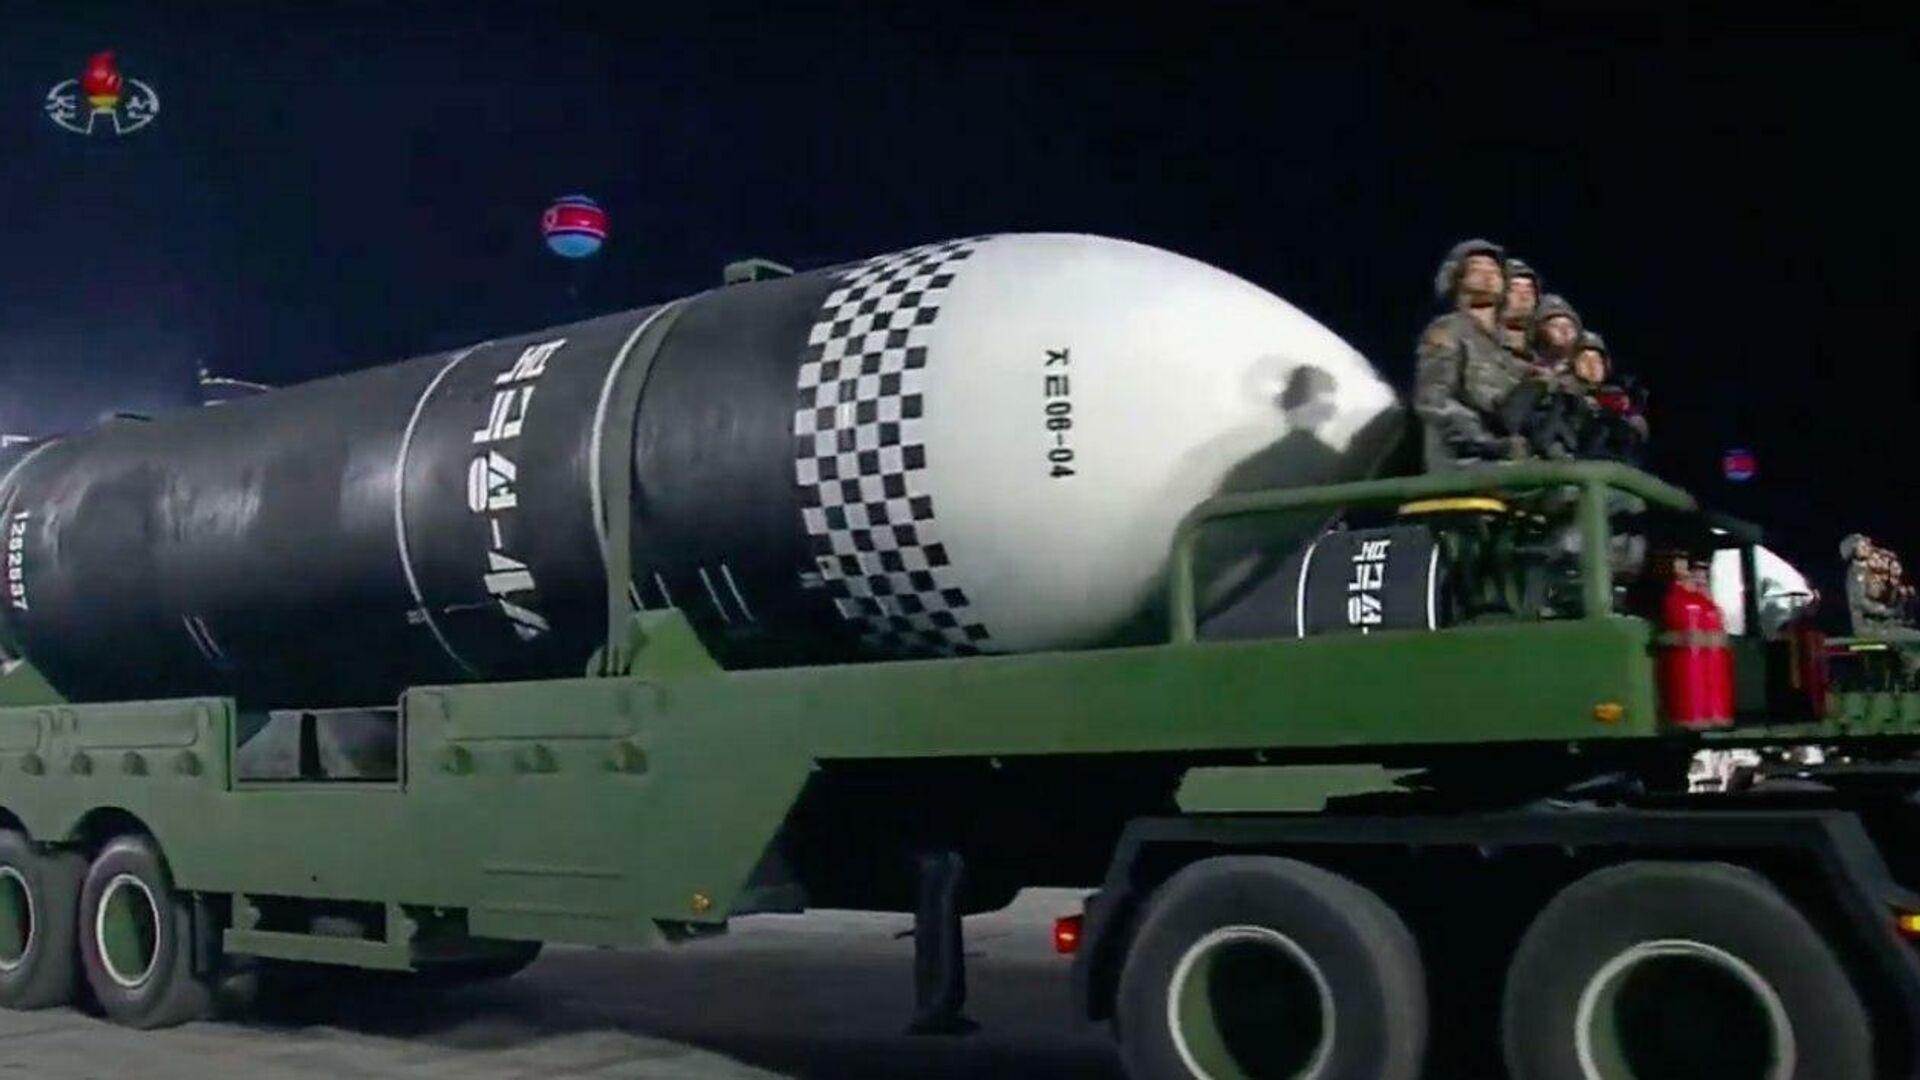 Новая баллистическая ракета Пуккыксон 4-А во время парада в Пхеньяне, КНДР. Стоп-кадр трансляции - РИА Новости, 1920, 10.10.2020